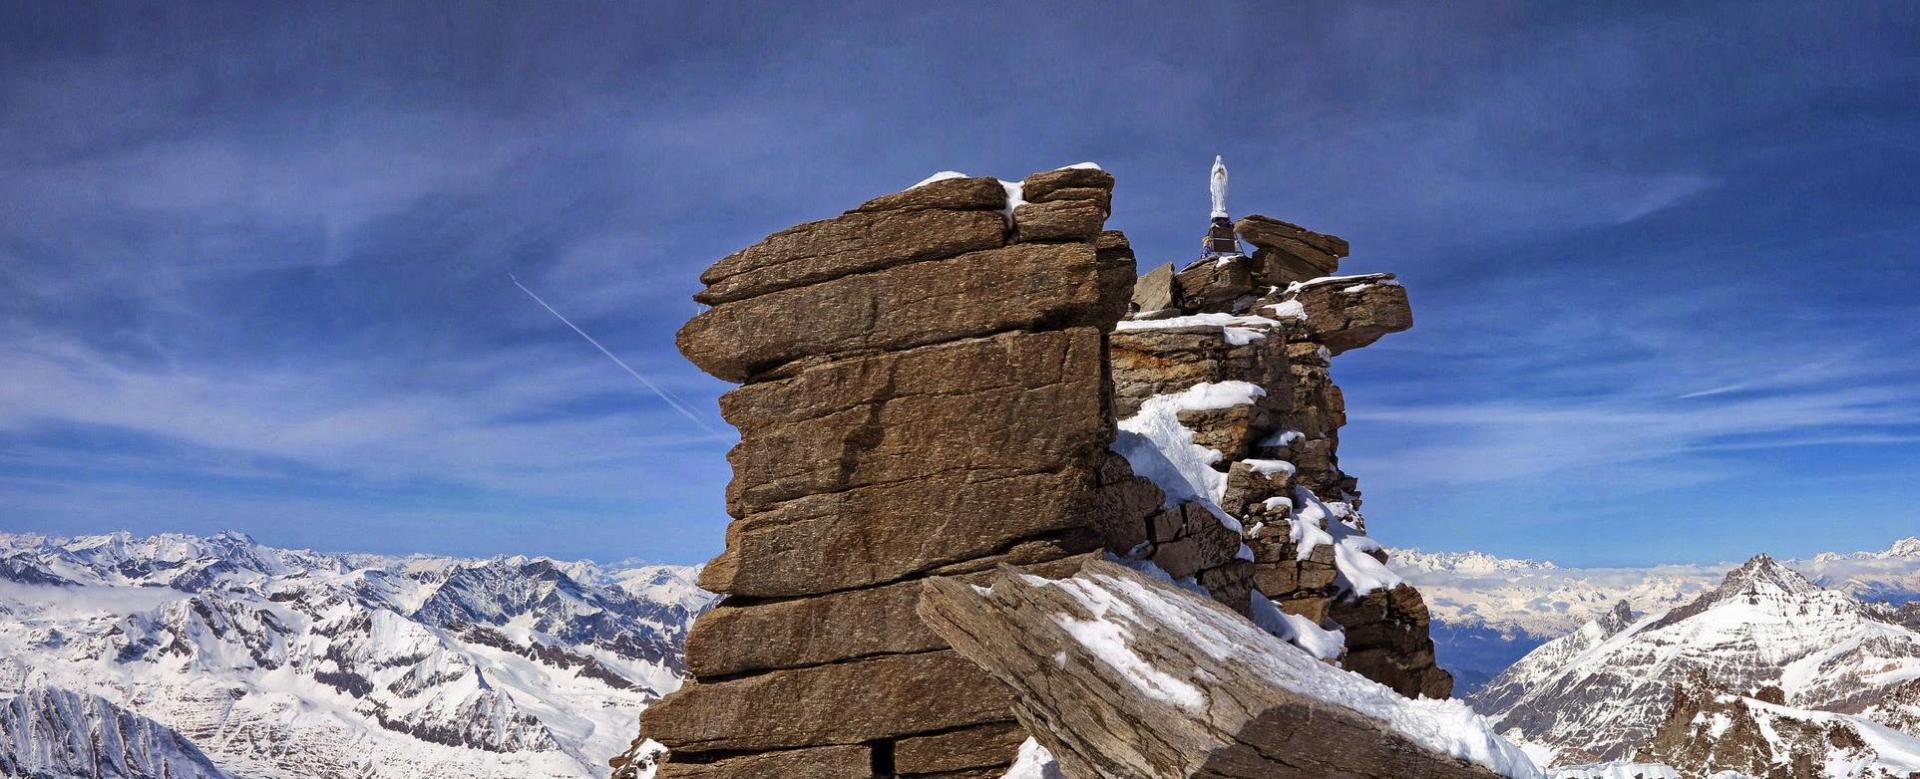 Voyage à pied : Objectif grand-paradis (4061 m)